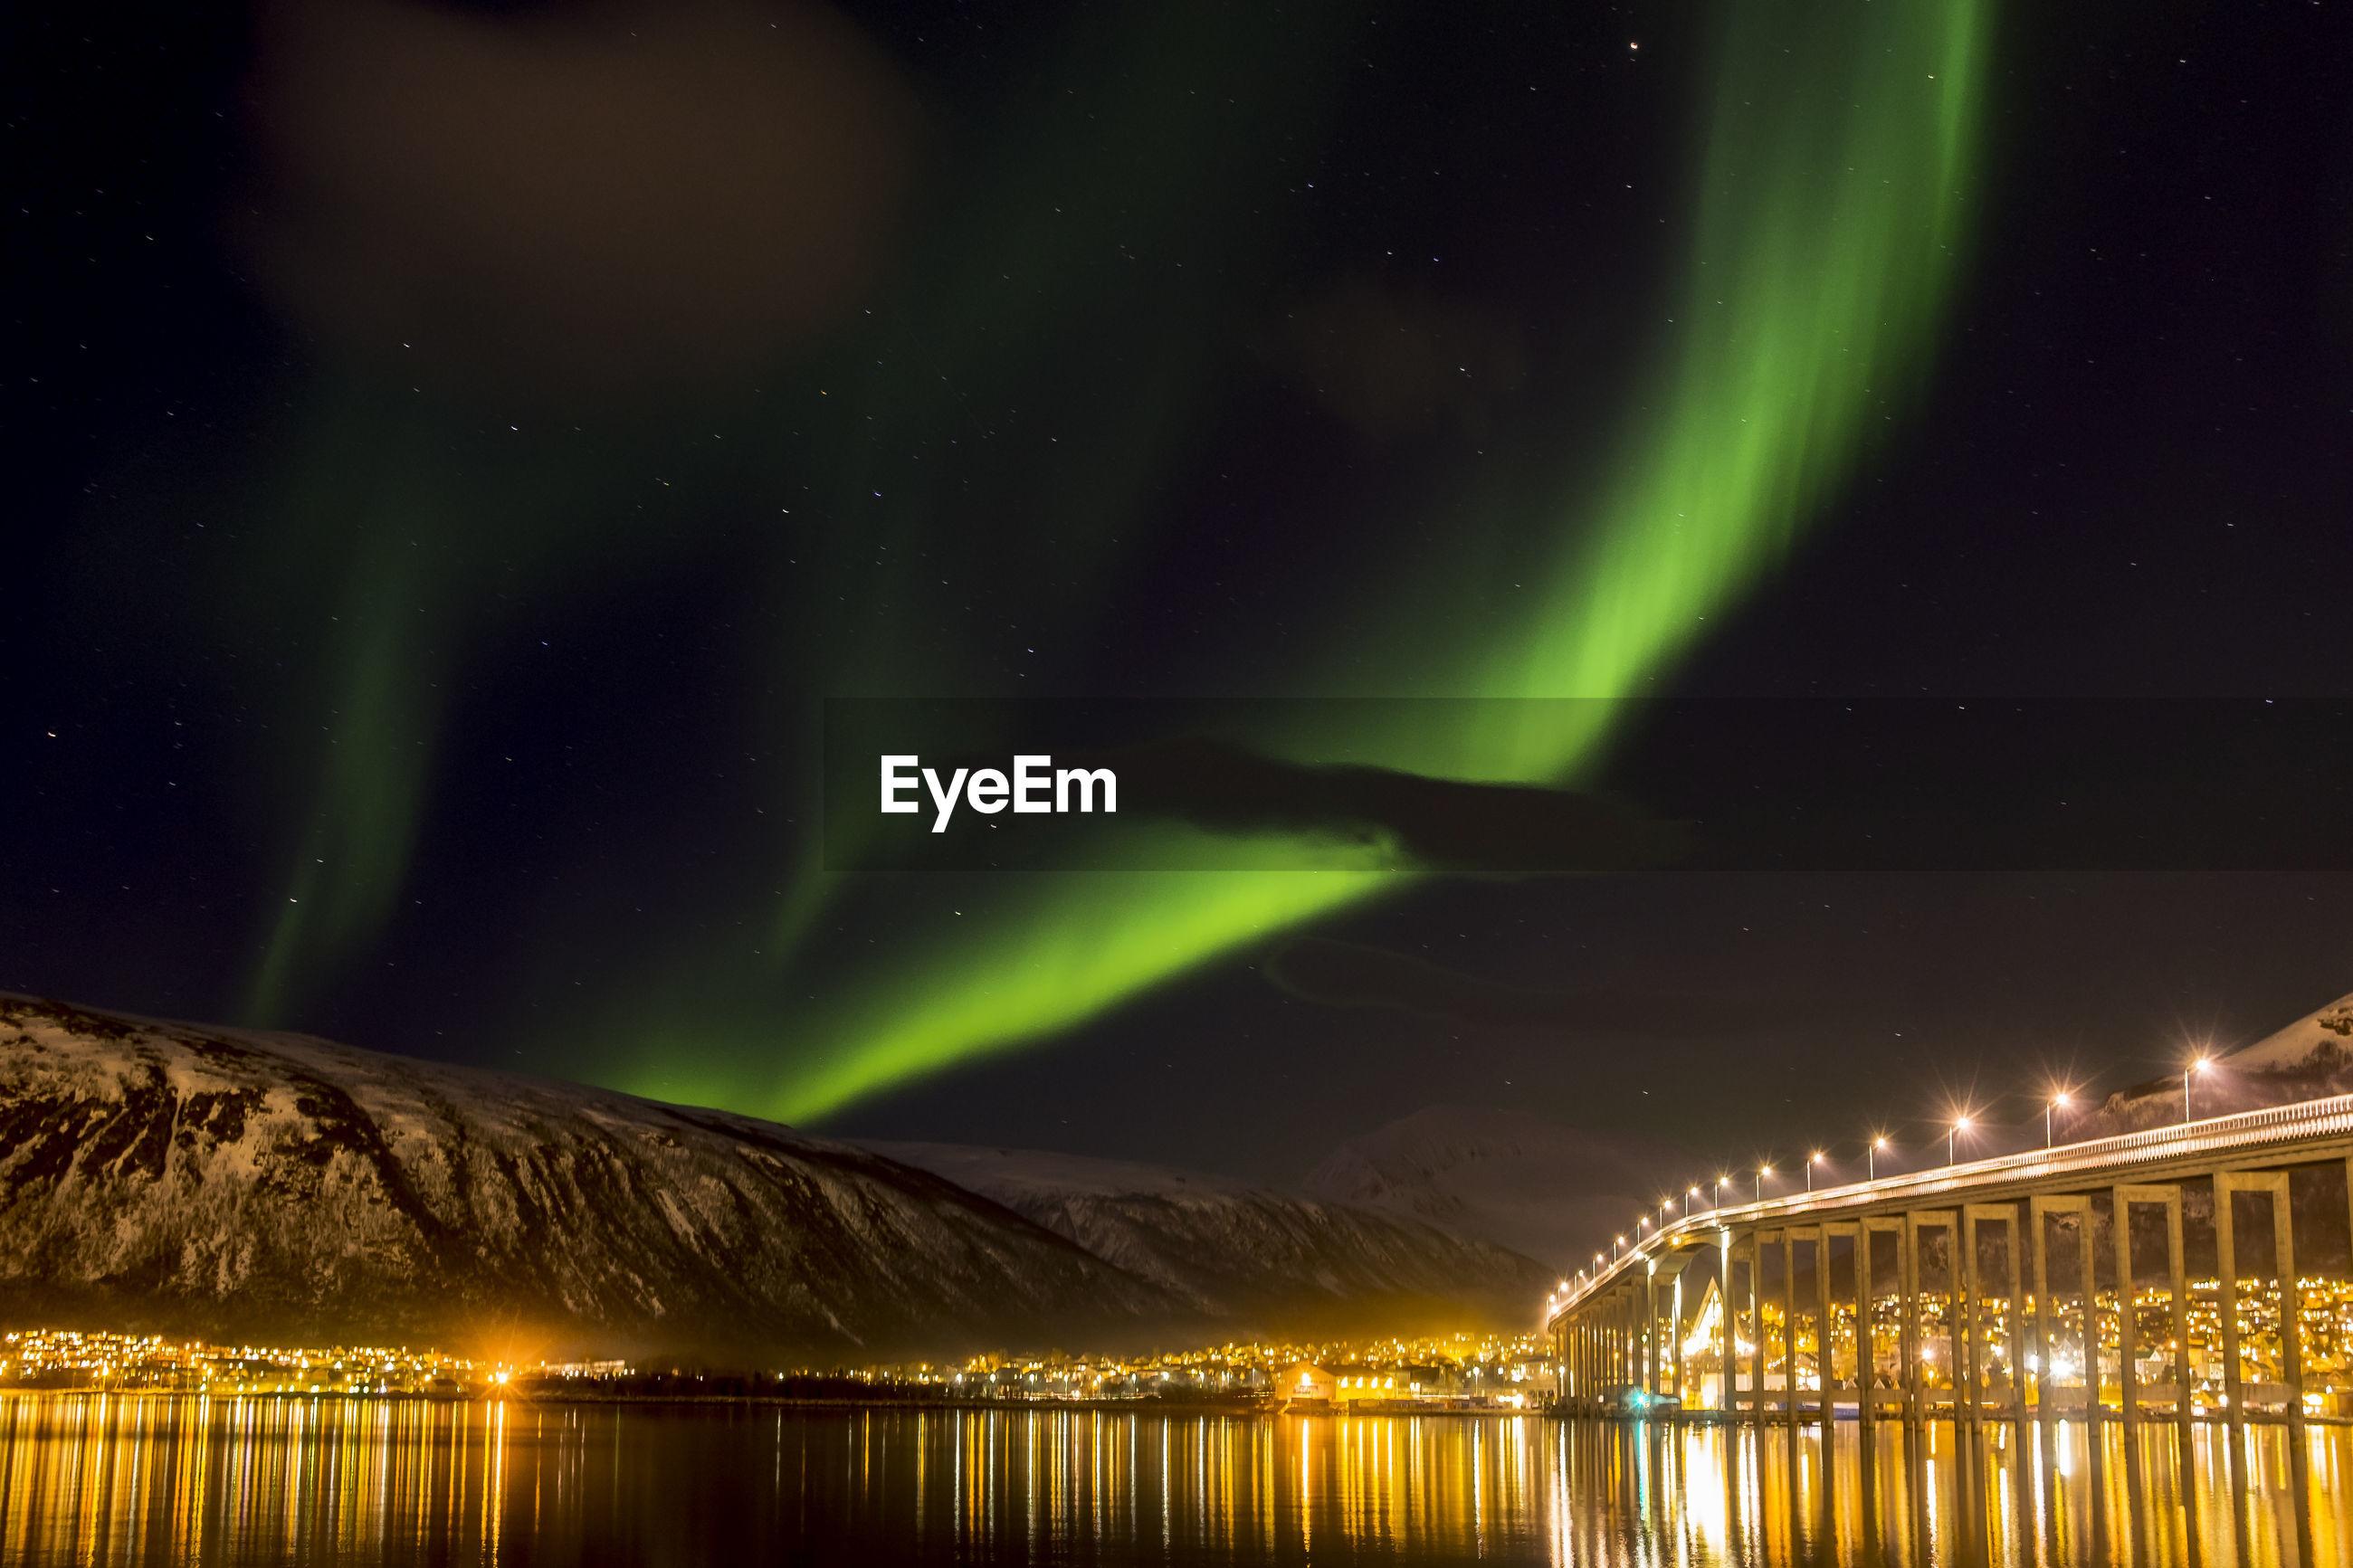 Illuminated bridge over river against aurora borealis